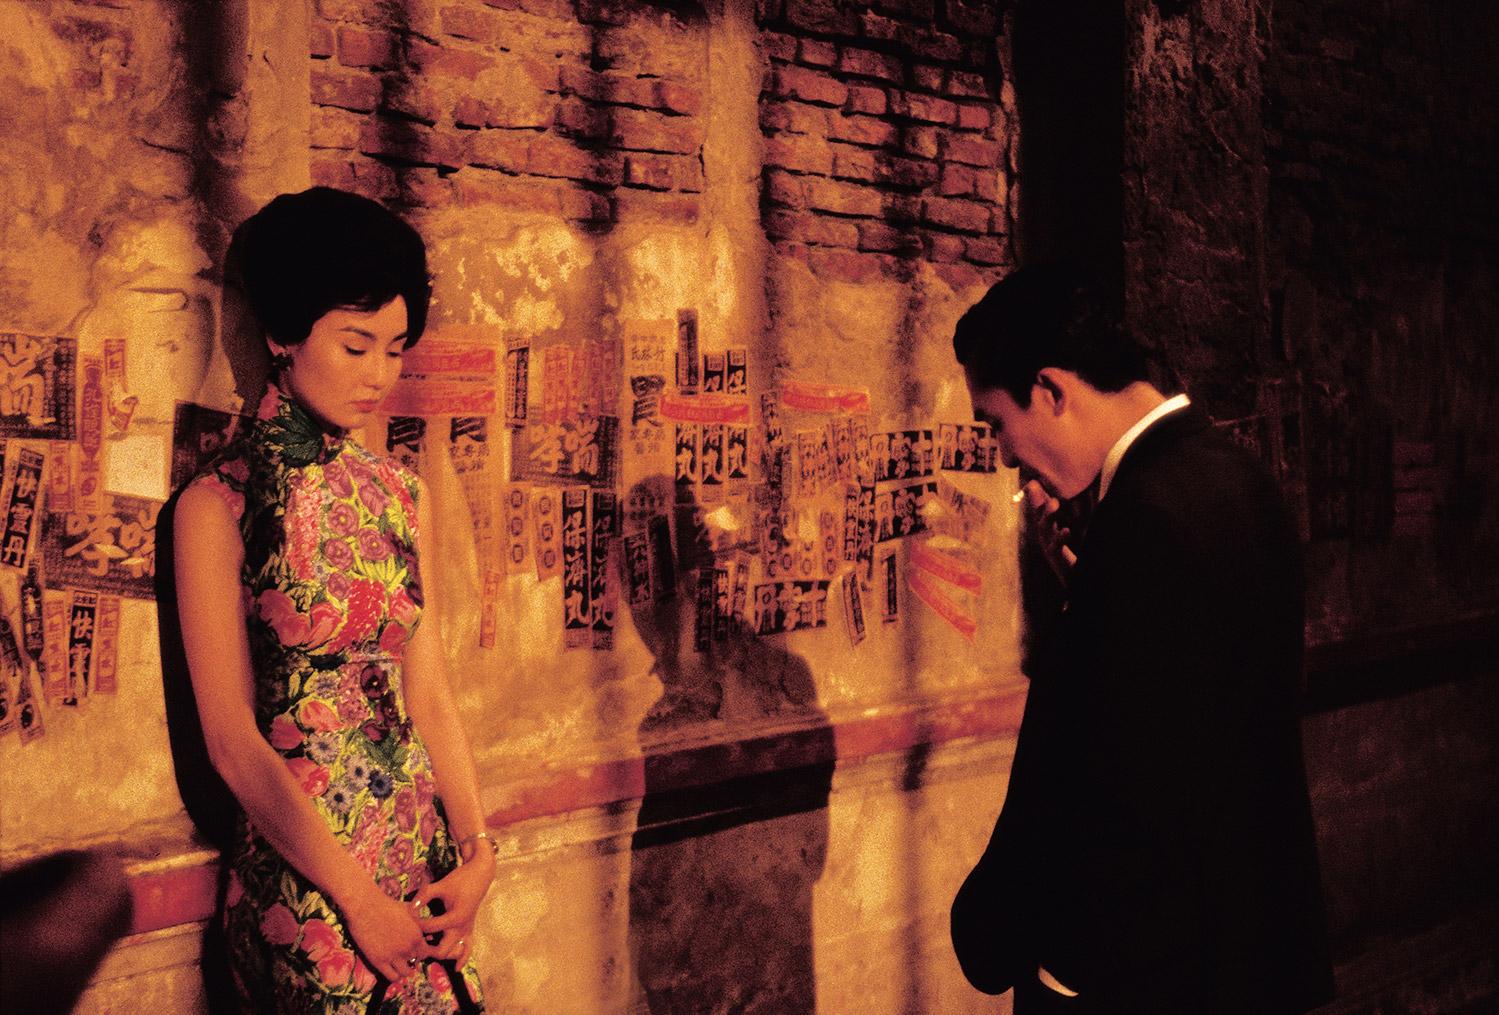 《花样年华》 4K修复版将于戛纳国际电影节首映